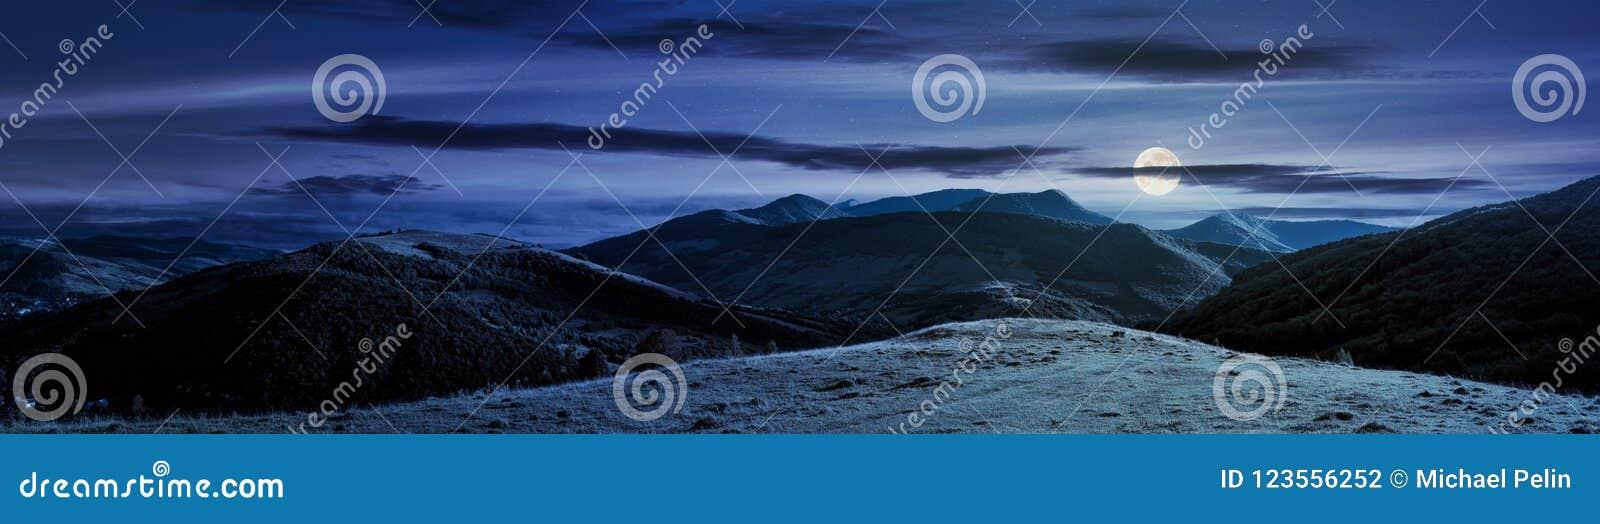 Panorama górzysta wieś przy nocą